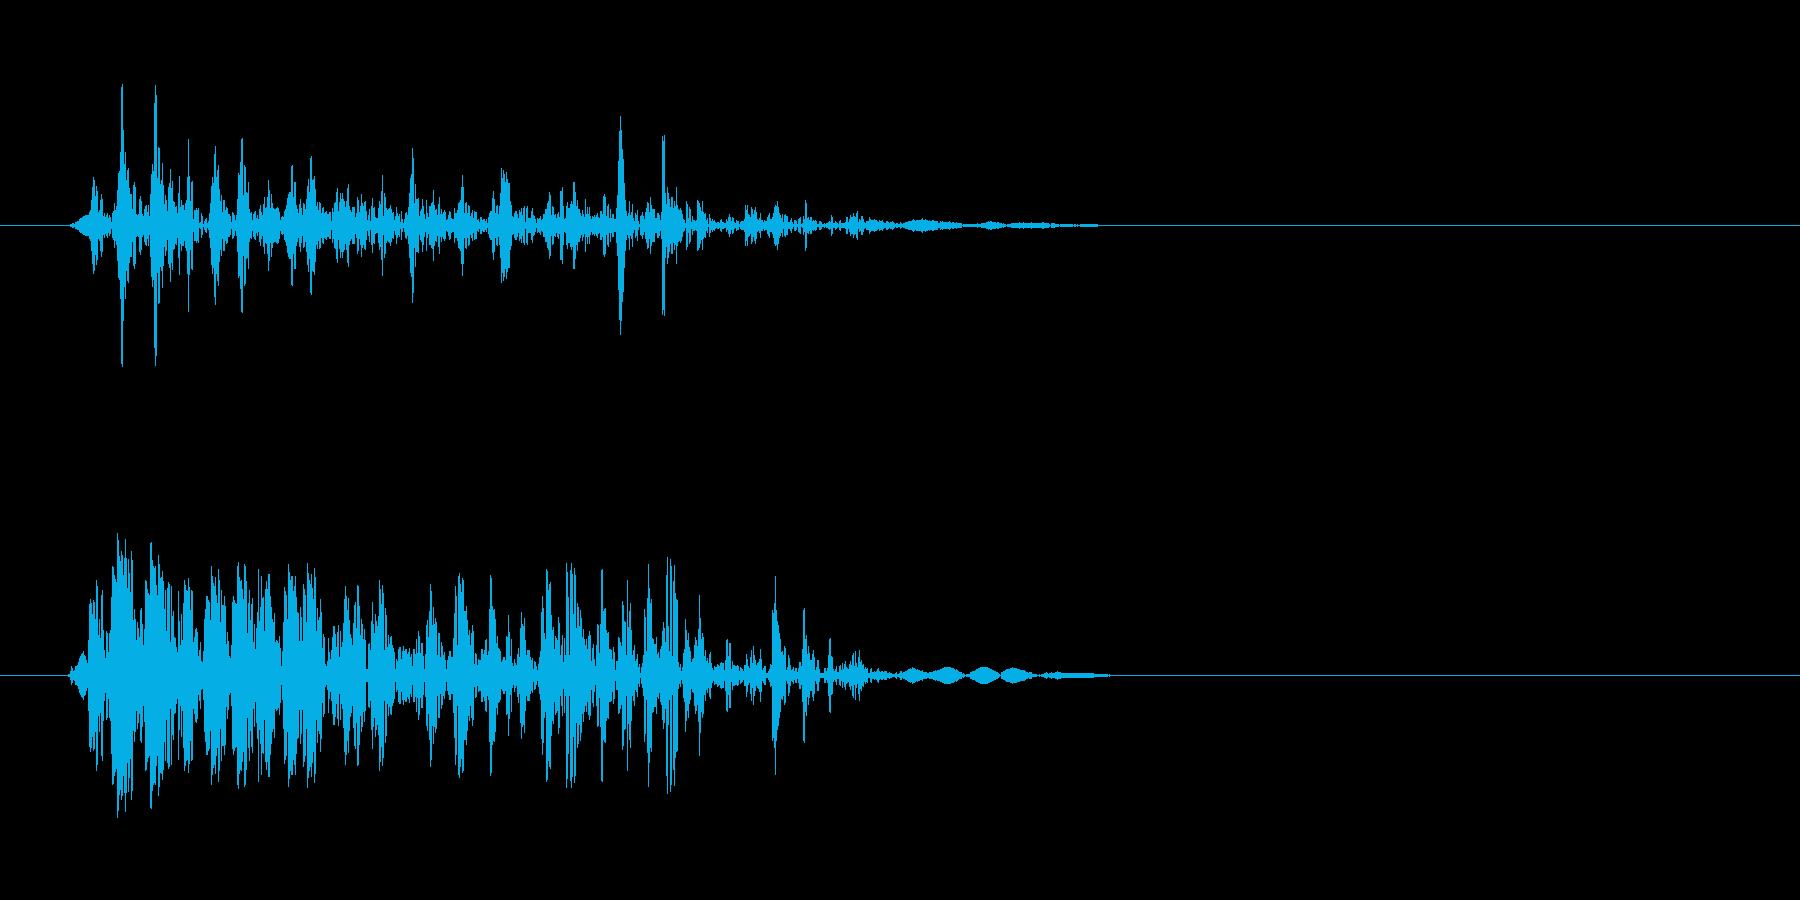 ザッ(シンプルで短めの決定音)の再生済みの波形